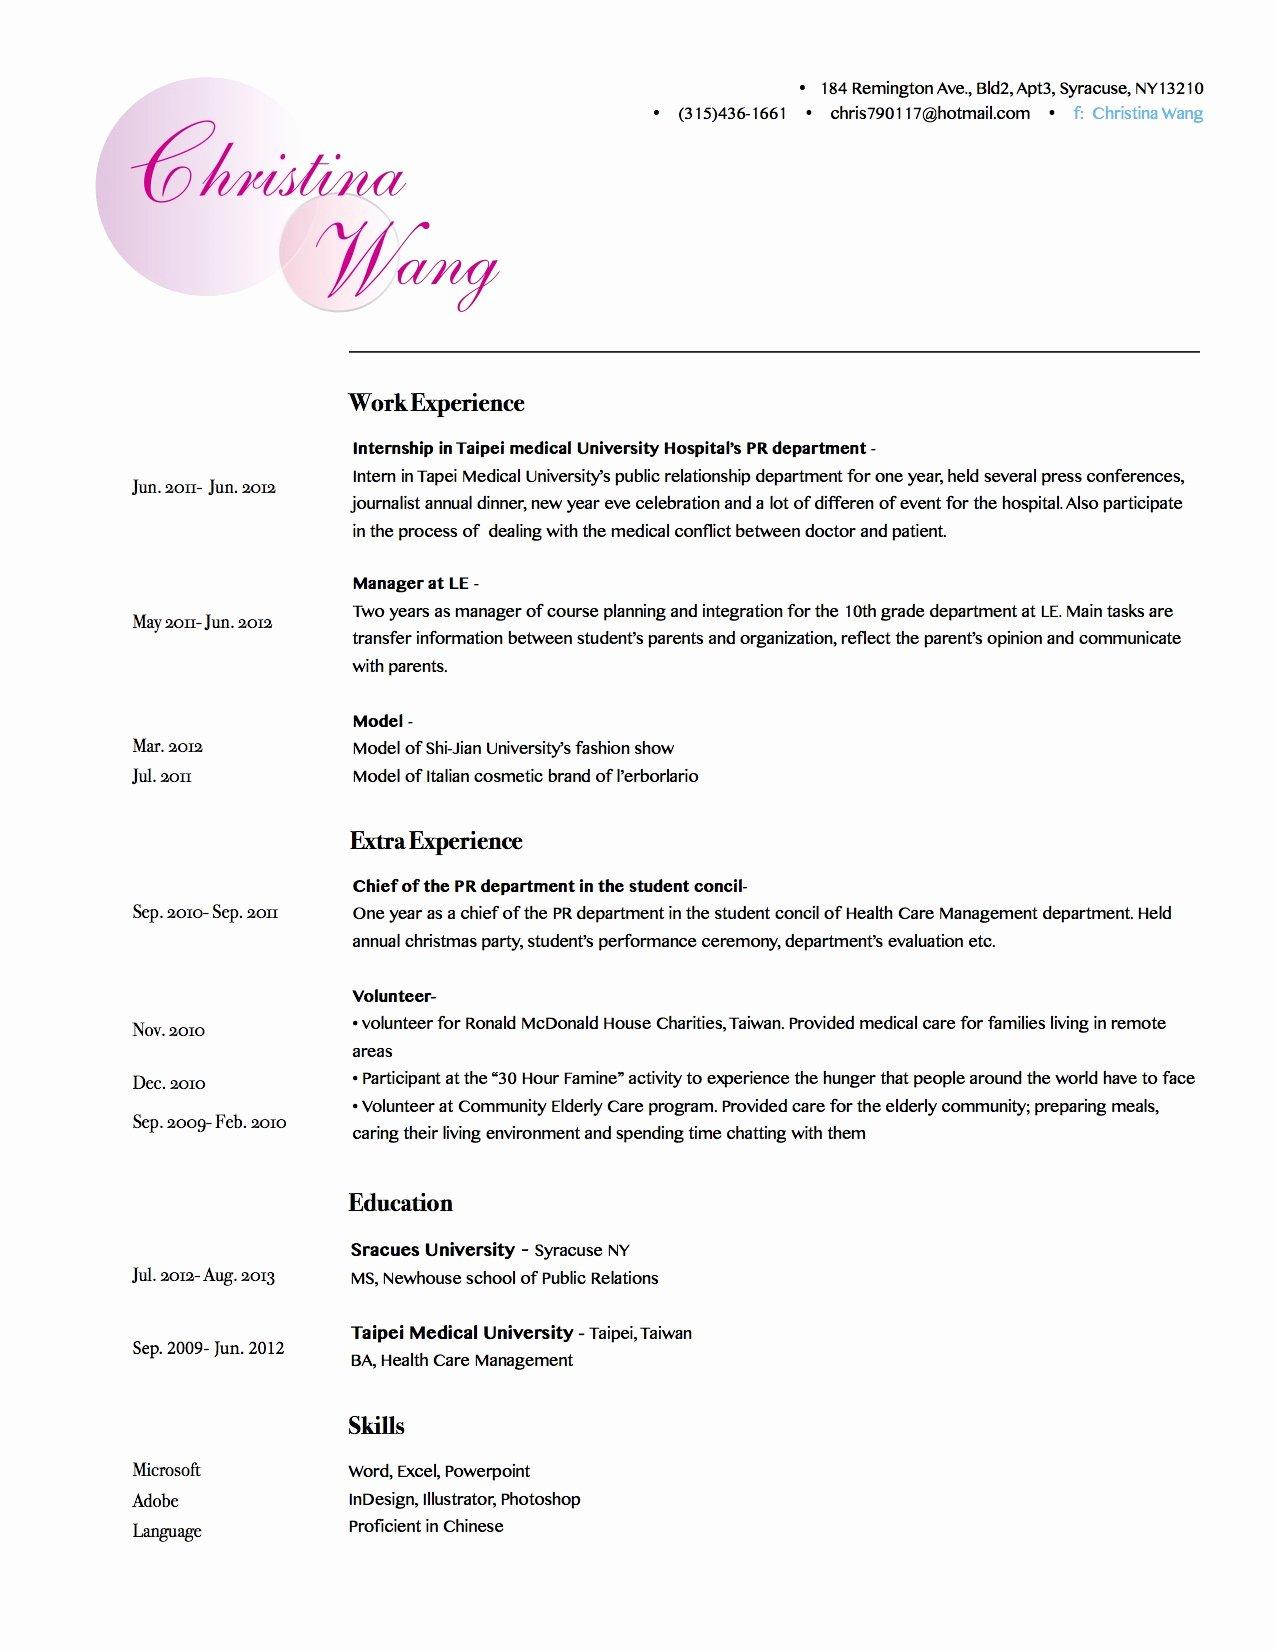 Makeup Artist Bio Sample Awesome Christina Wang's Resume